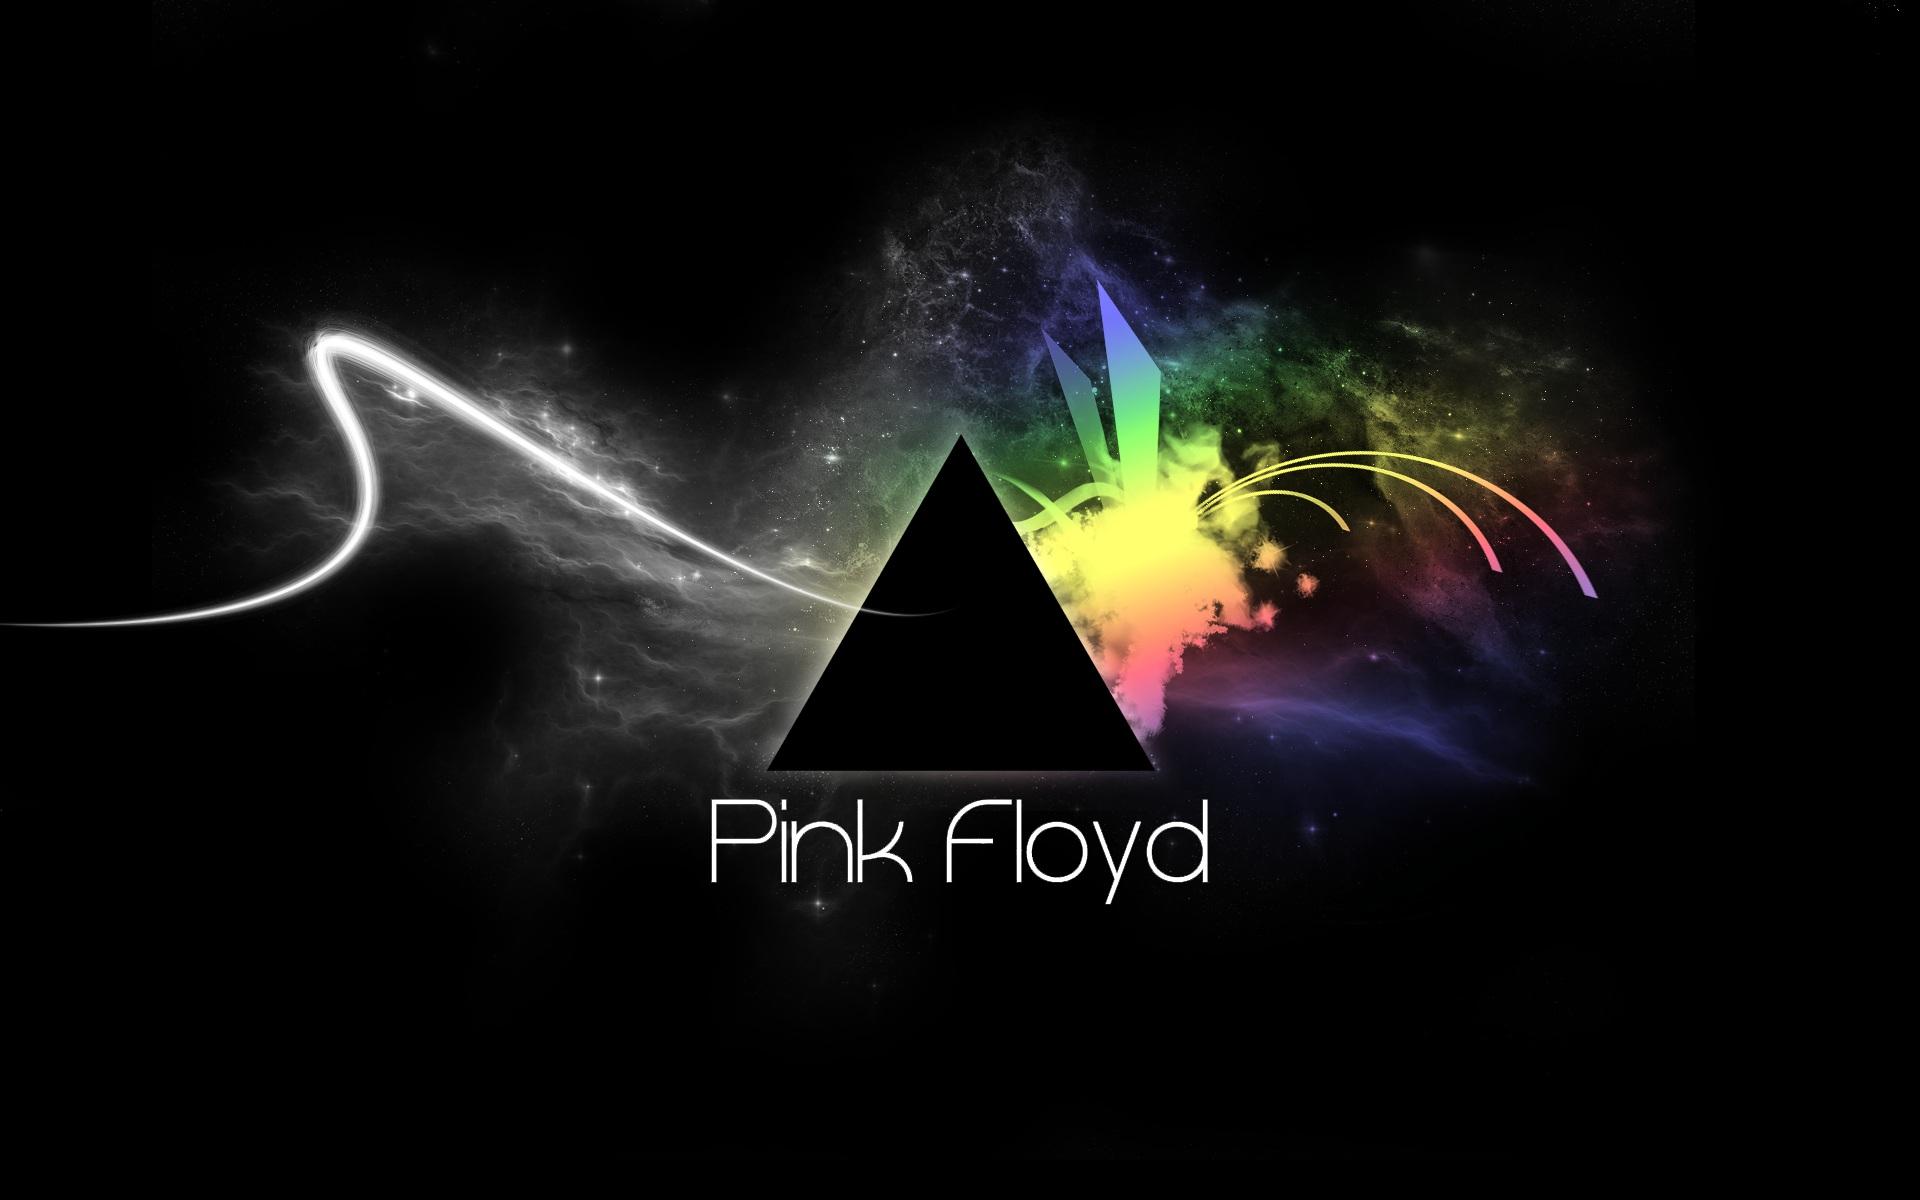 Pink Floyd Join The Dark Side HD Wallpaper Theme Bin   Customization 1920x1200